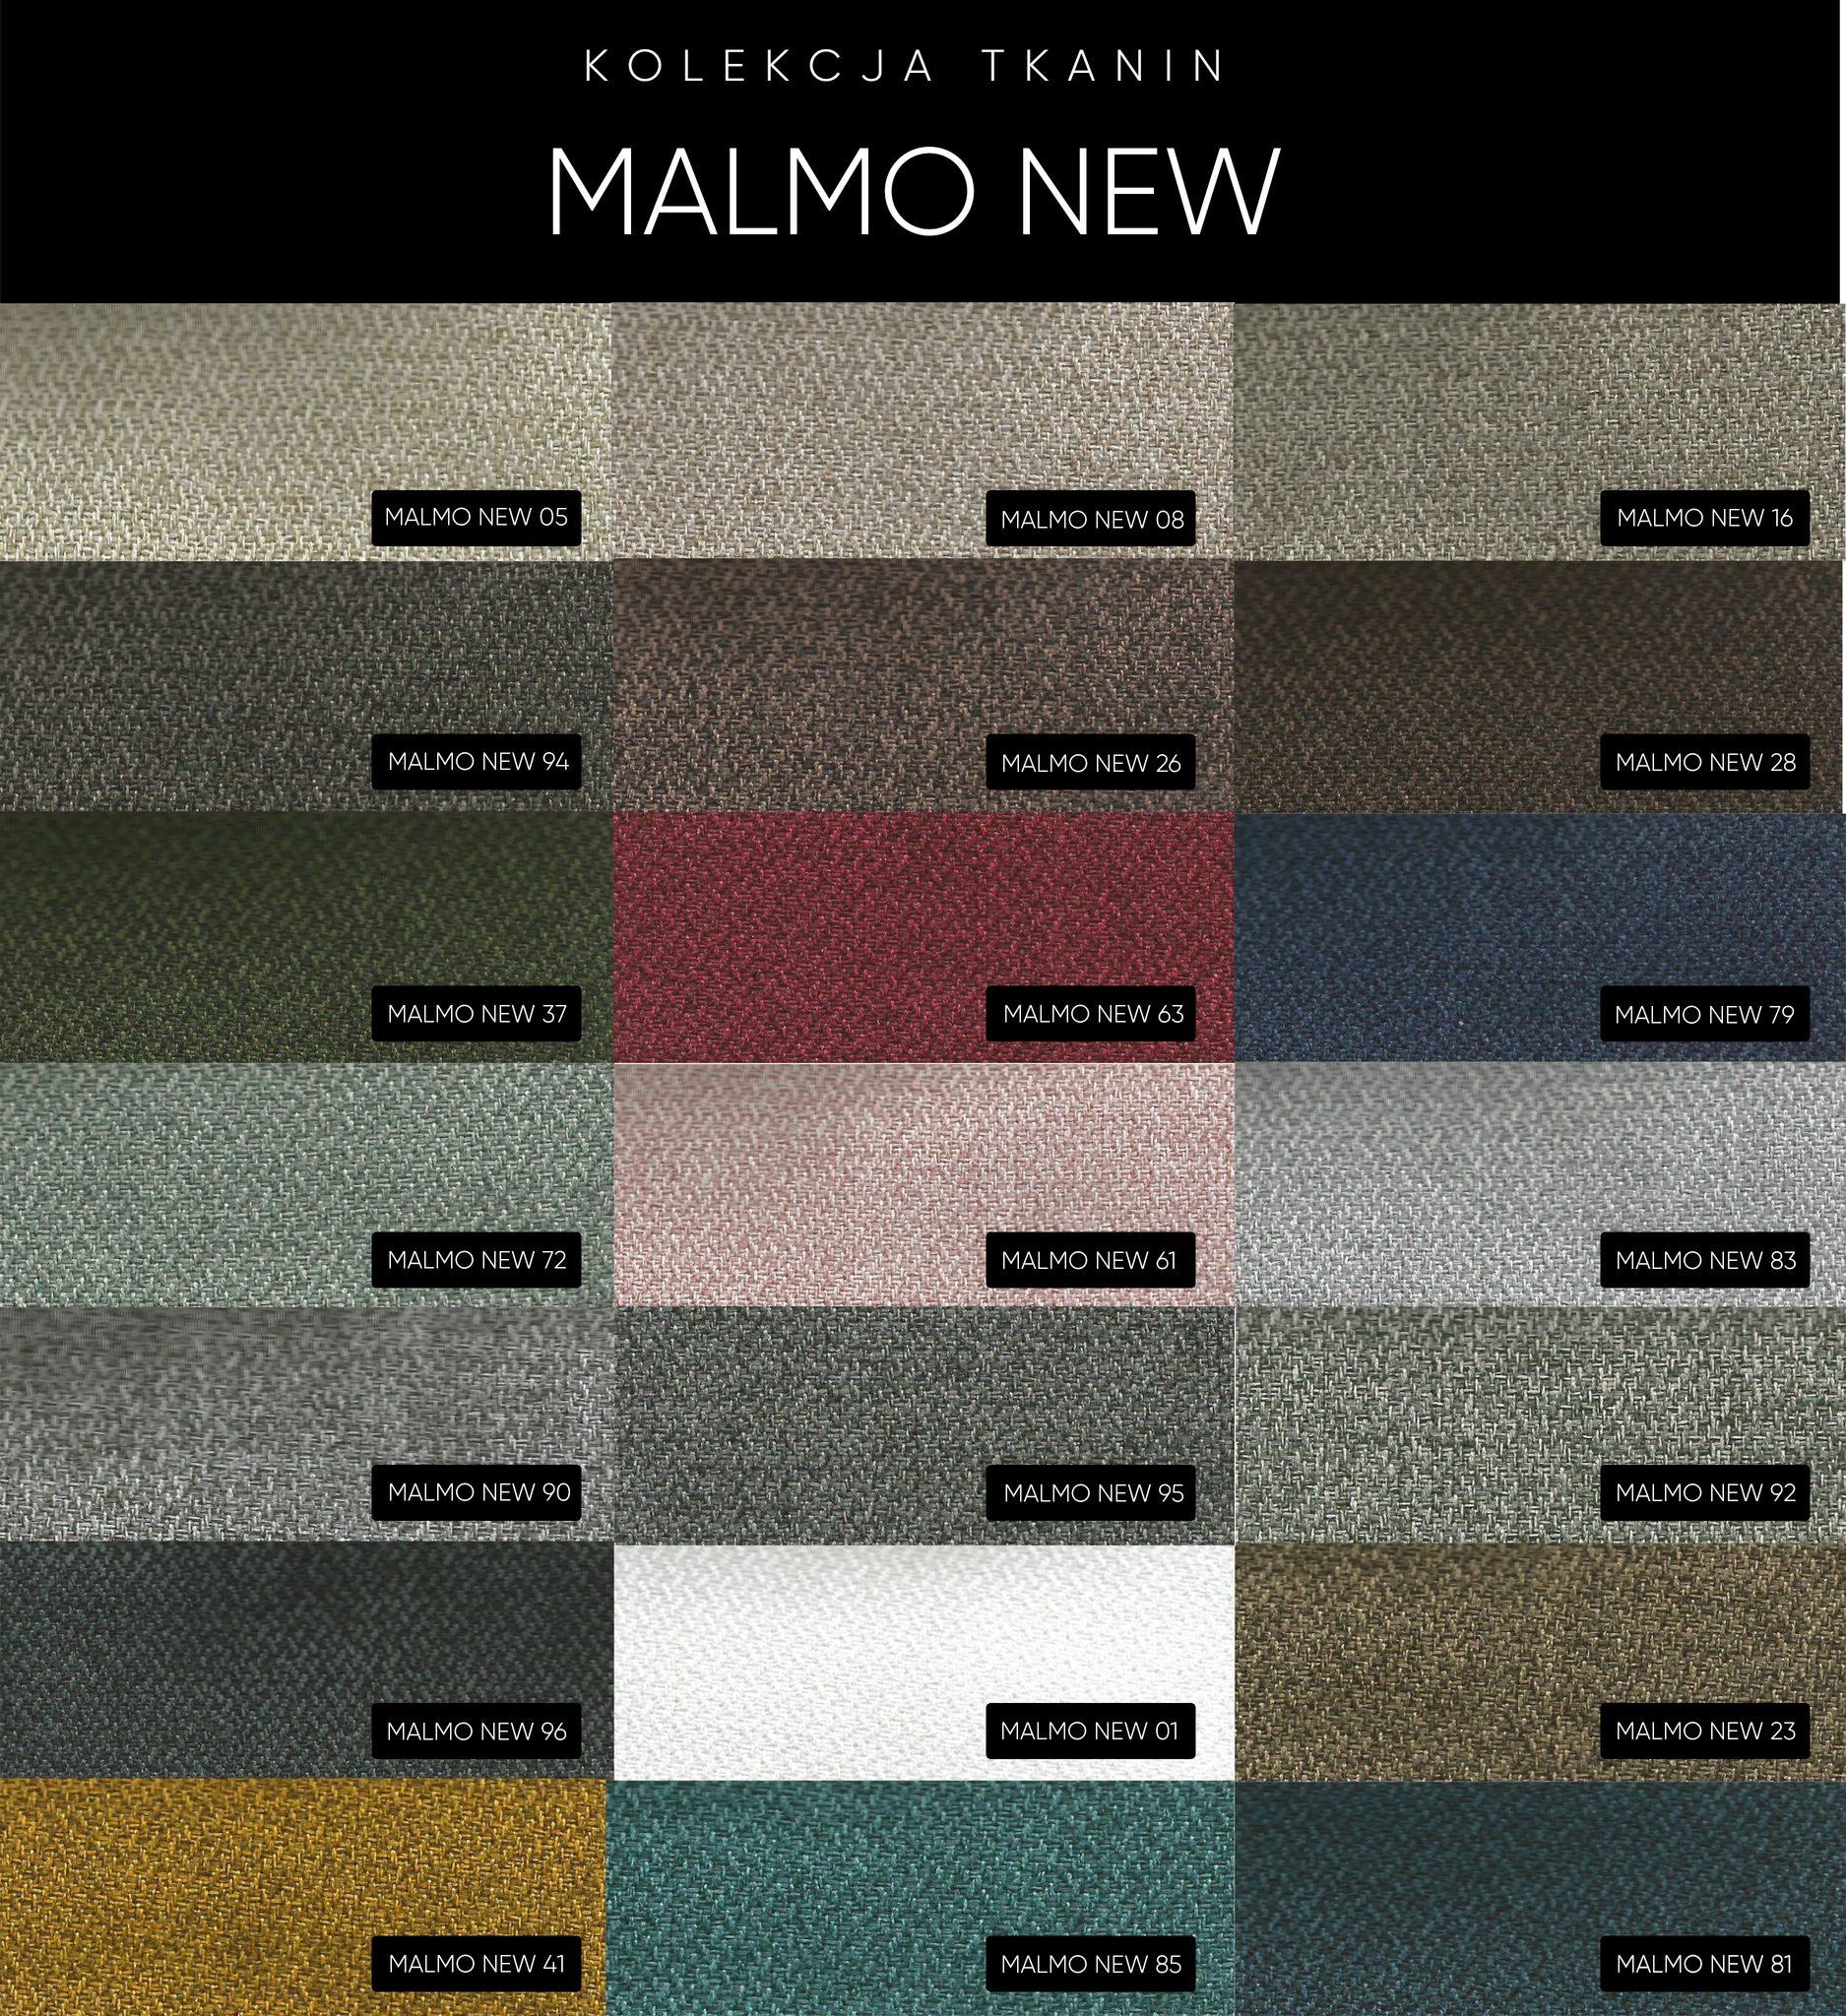 MALMO_GOTOWY_ZNAK.jpg (929×2048)